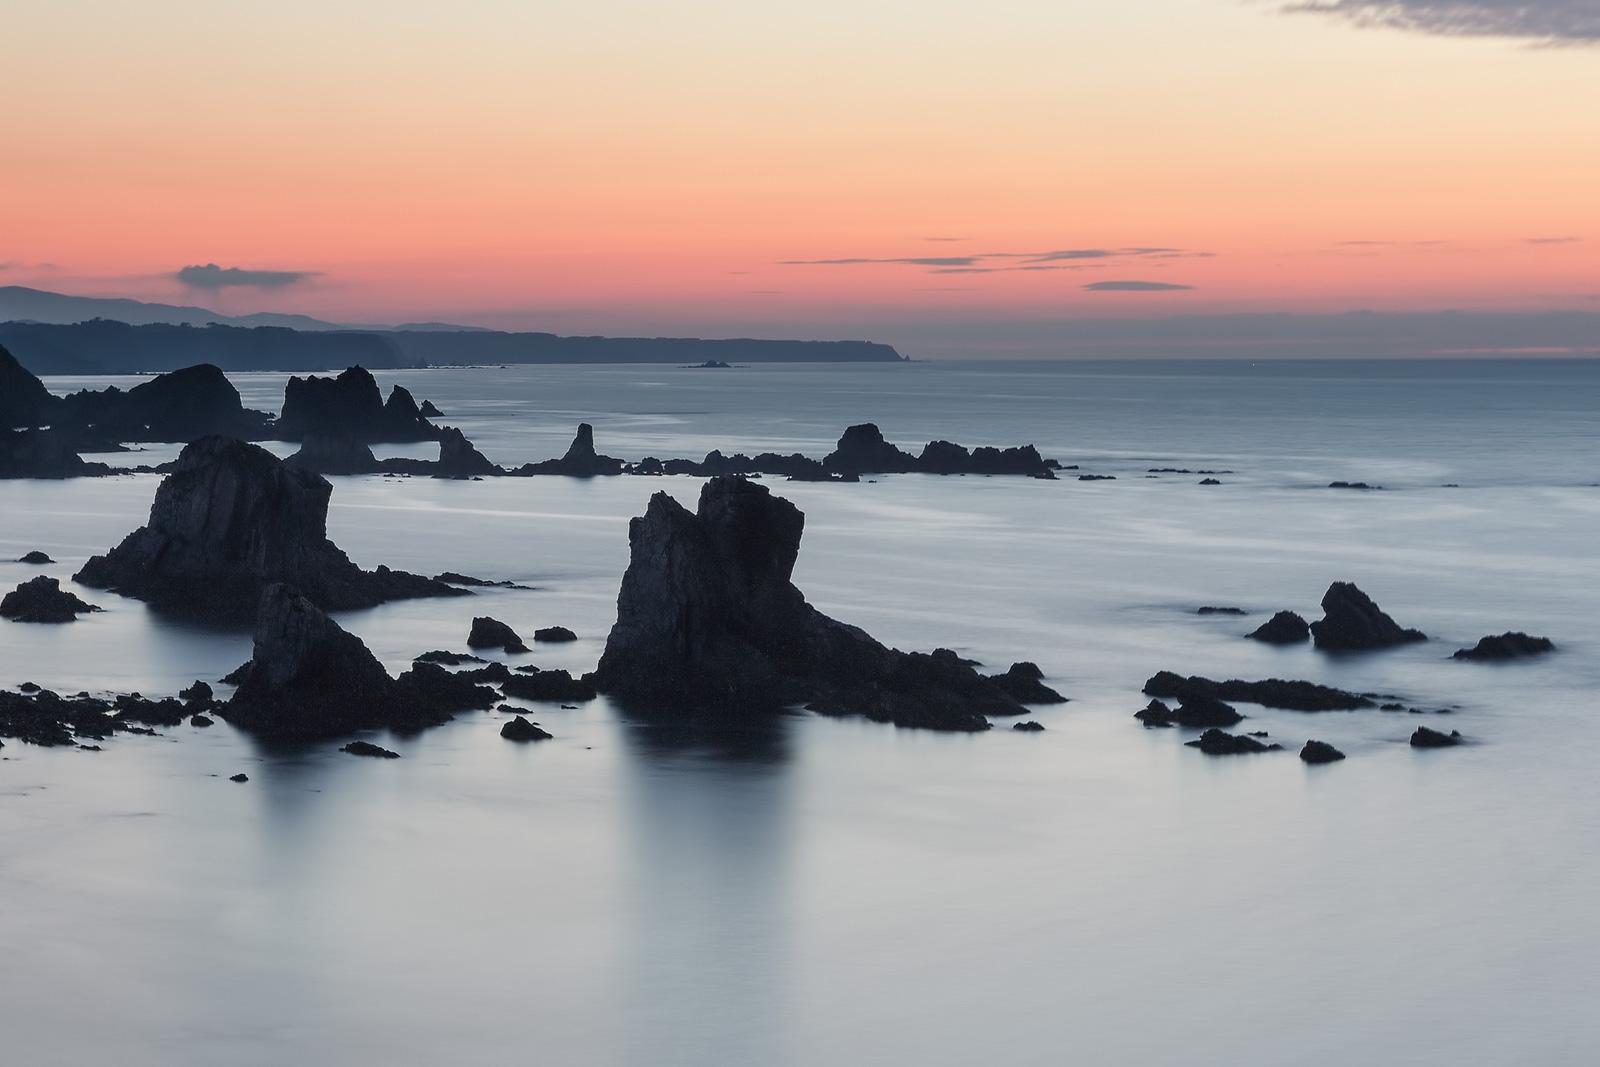 Paisaje de la playa del silencio en Asturias, larga exposición